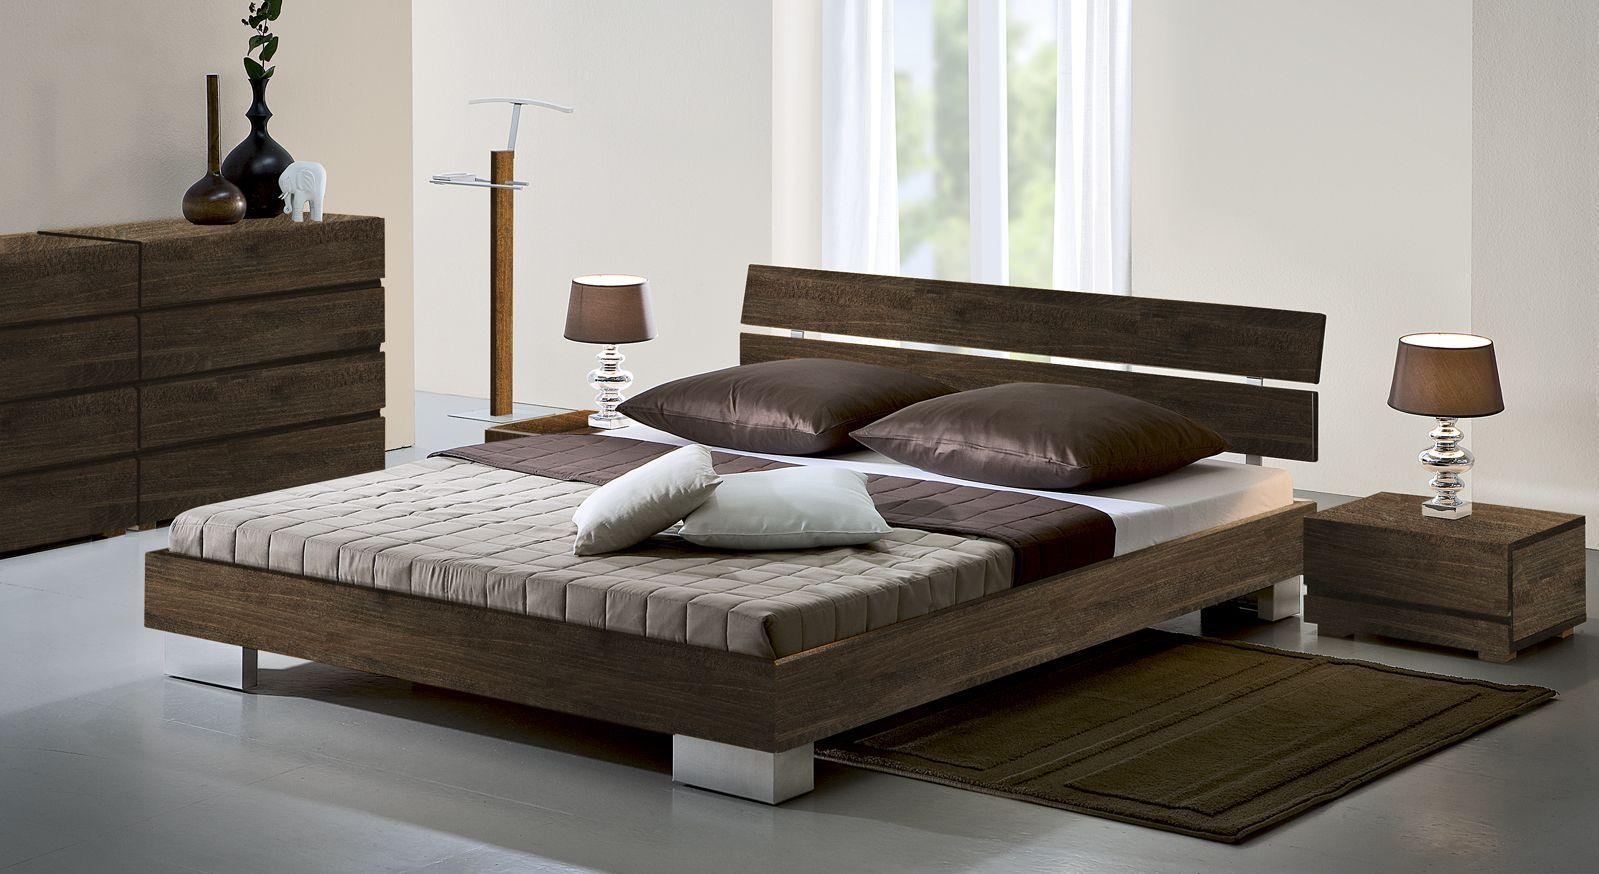 Bett Groß bett in z b 90x200 cm größe aus buchenholz sogno